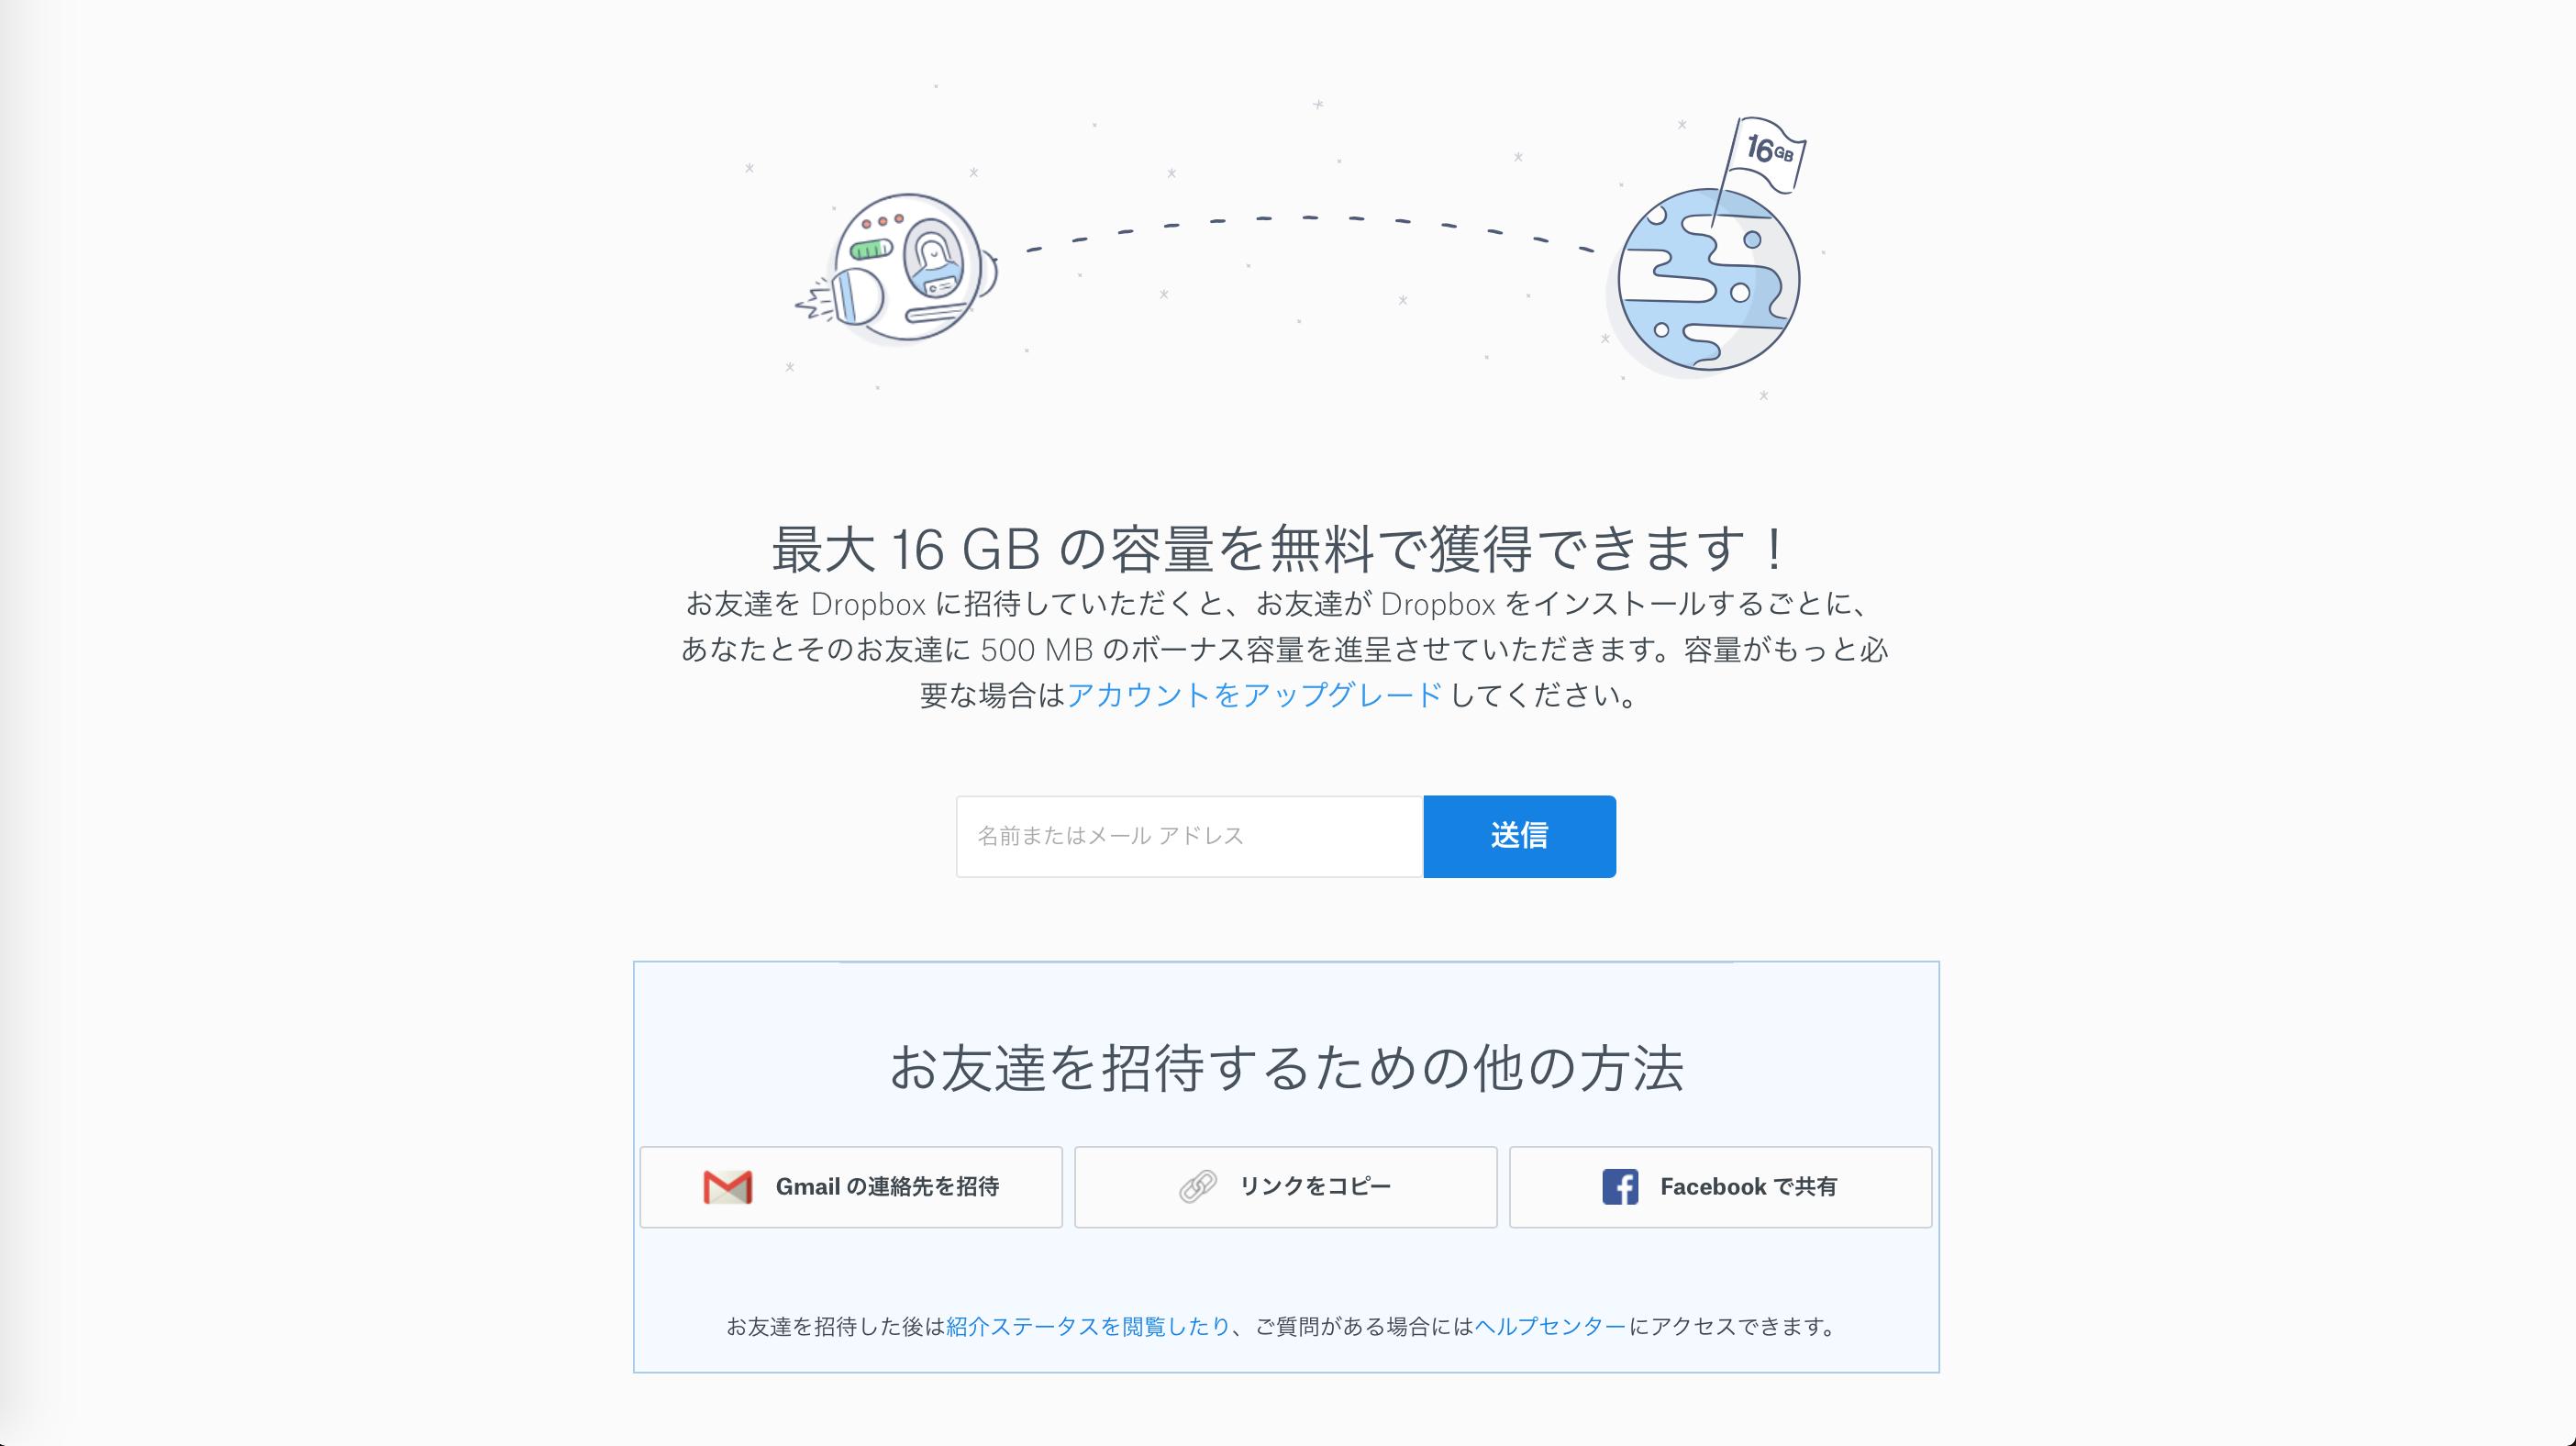 【無料】Dropboxの容量を友達紹介で増やす方法【最大16GB】